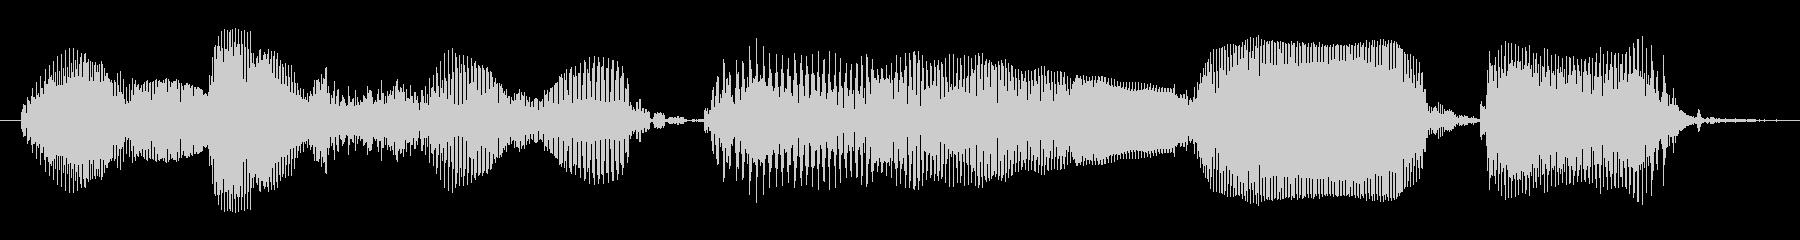 今すぐダウンロード (落ち着いた声)の未再生の波形